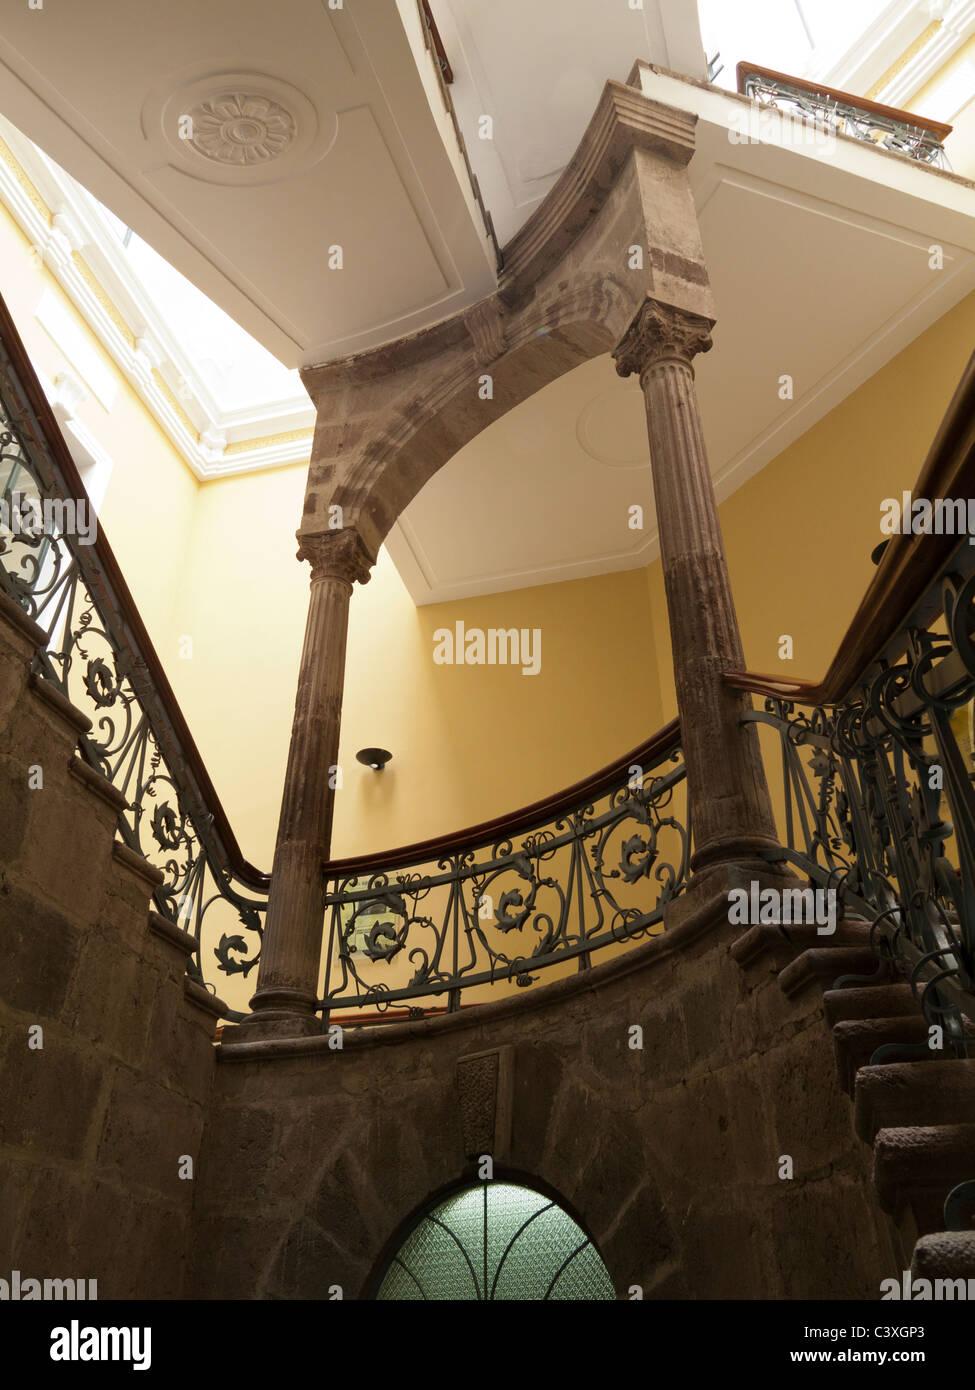 Escalera en el Centro Cultural Metropolitano de Quito. Imagen De Stock